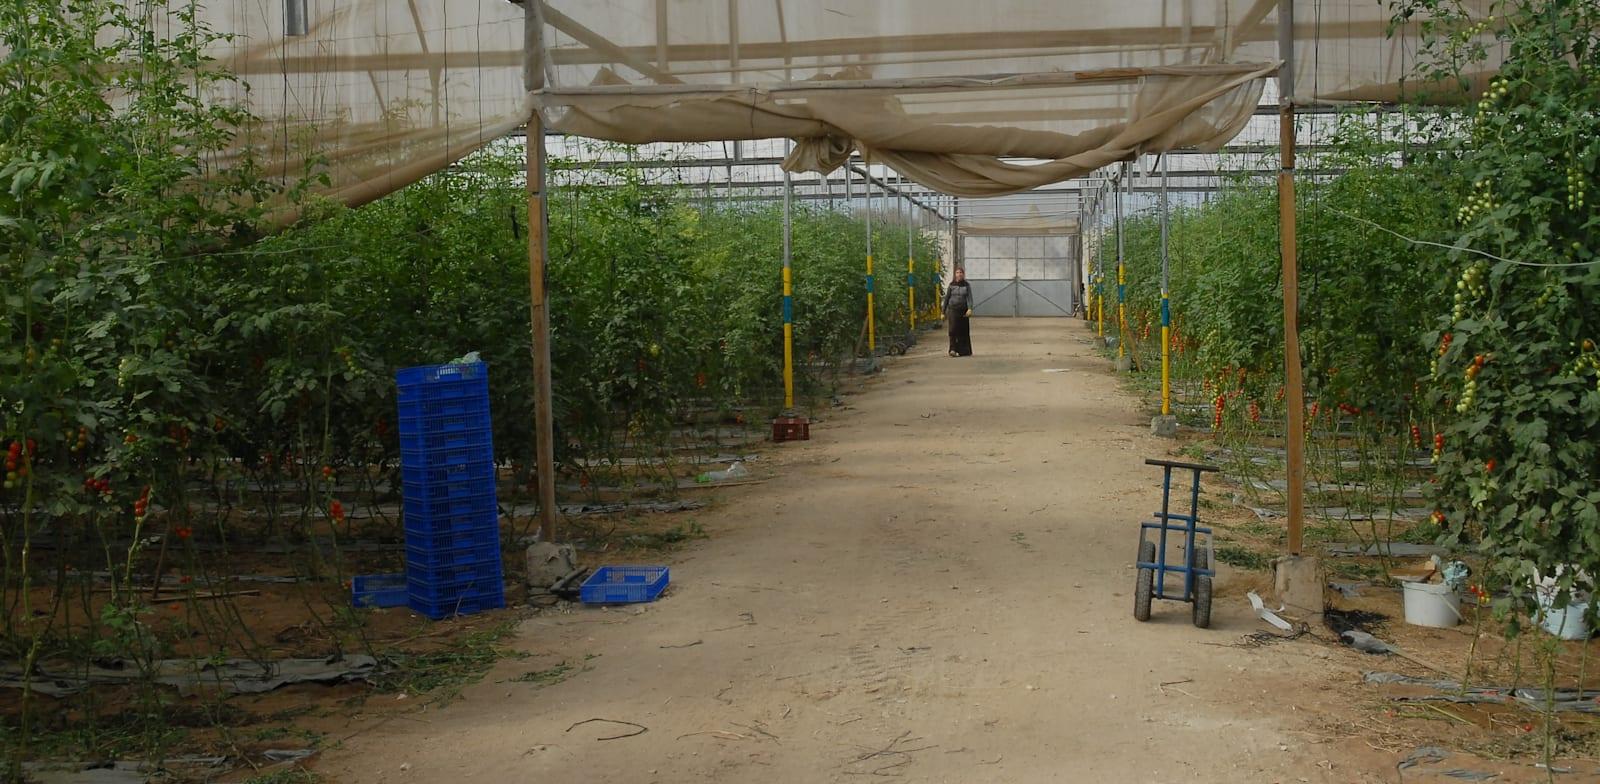 אין הצדקה למכסי מגן לתוצרת חקלאית - לפתוח את השוק עכשיו